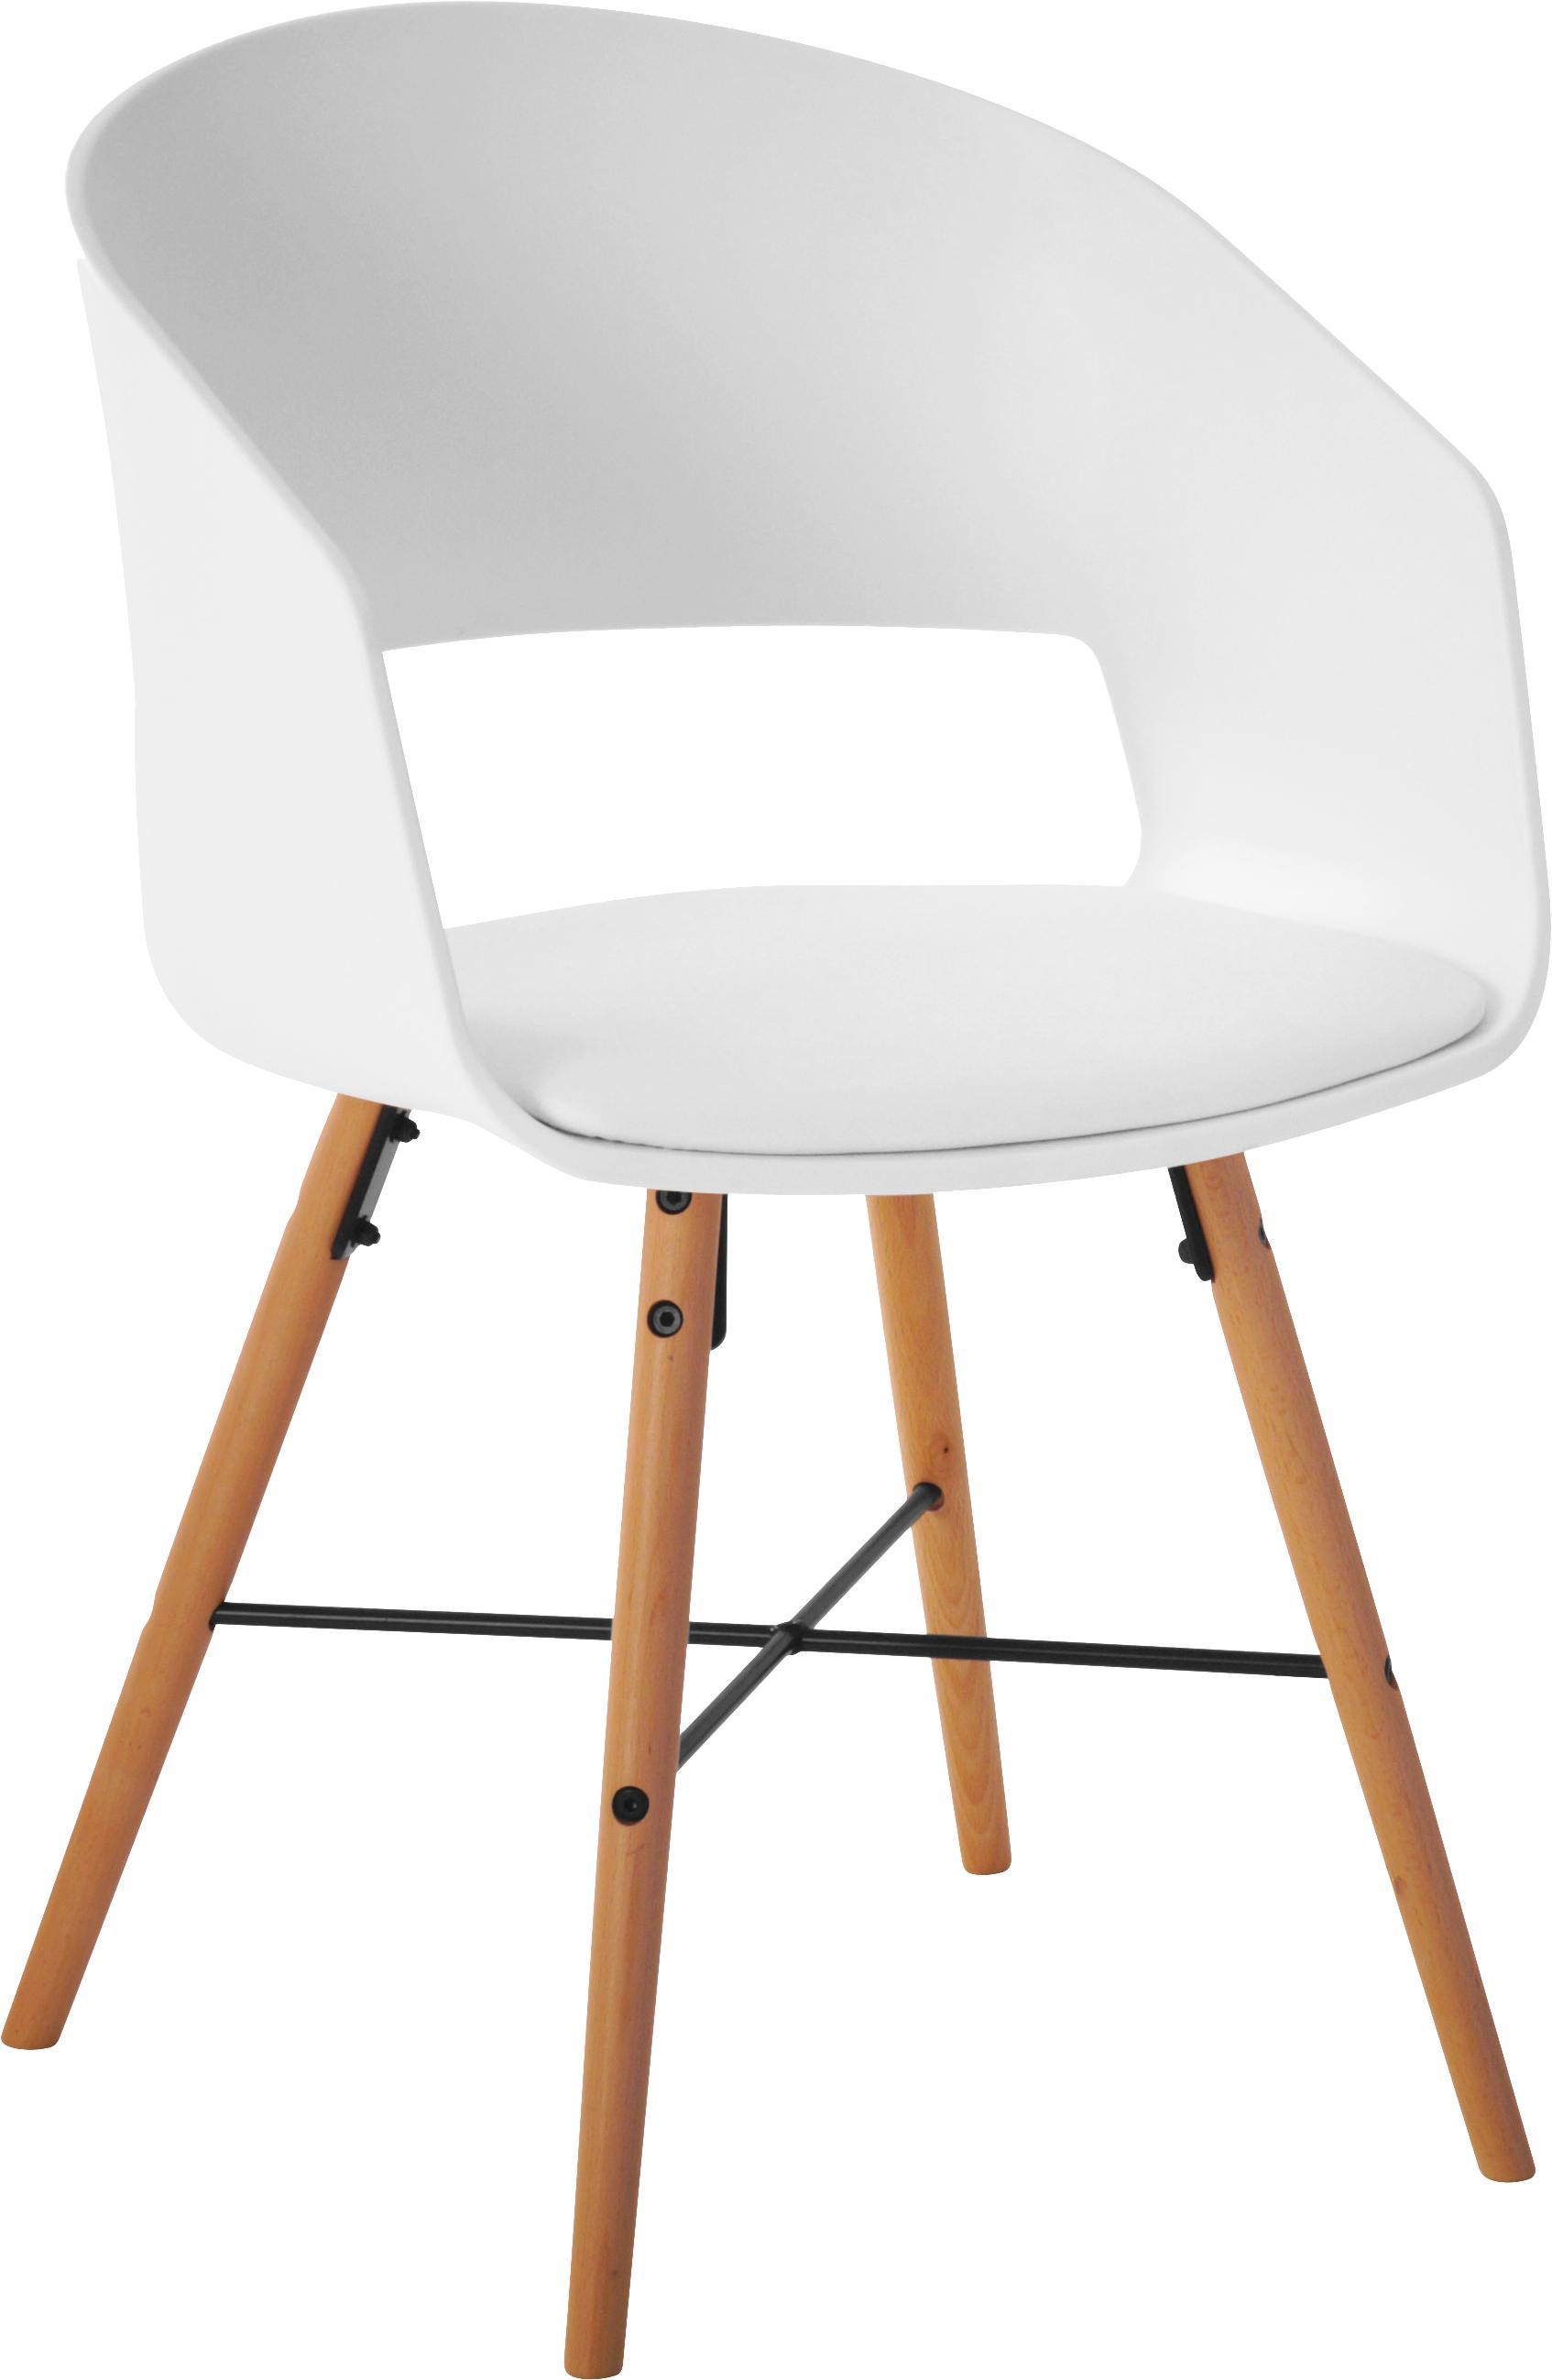 Sedia con braccioli  Luna 2 pz, Gambe: legno di faggio verniciat, Bianco, Larg. 52 x Prof. 52 cm